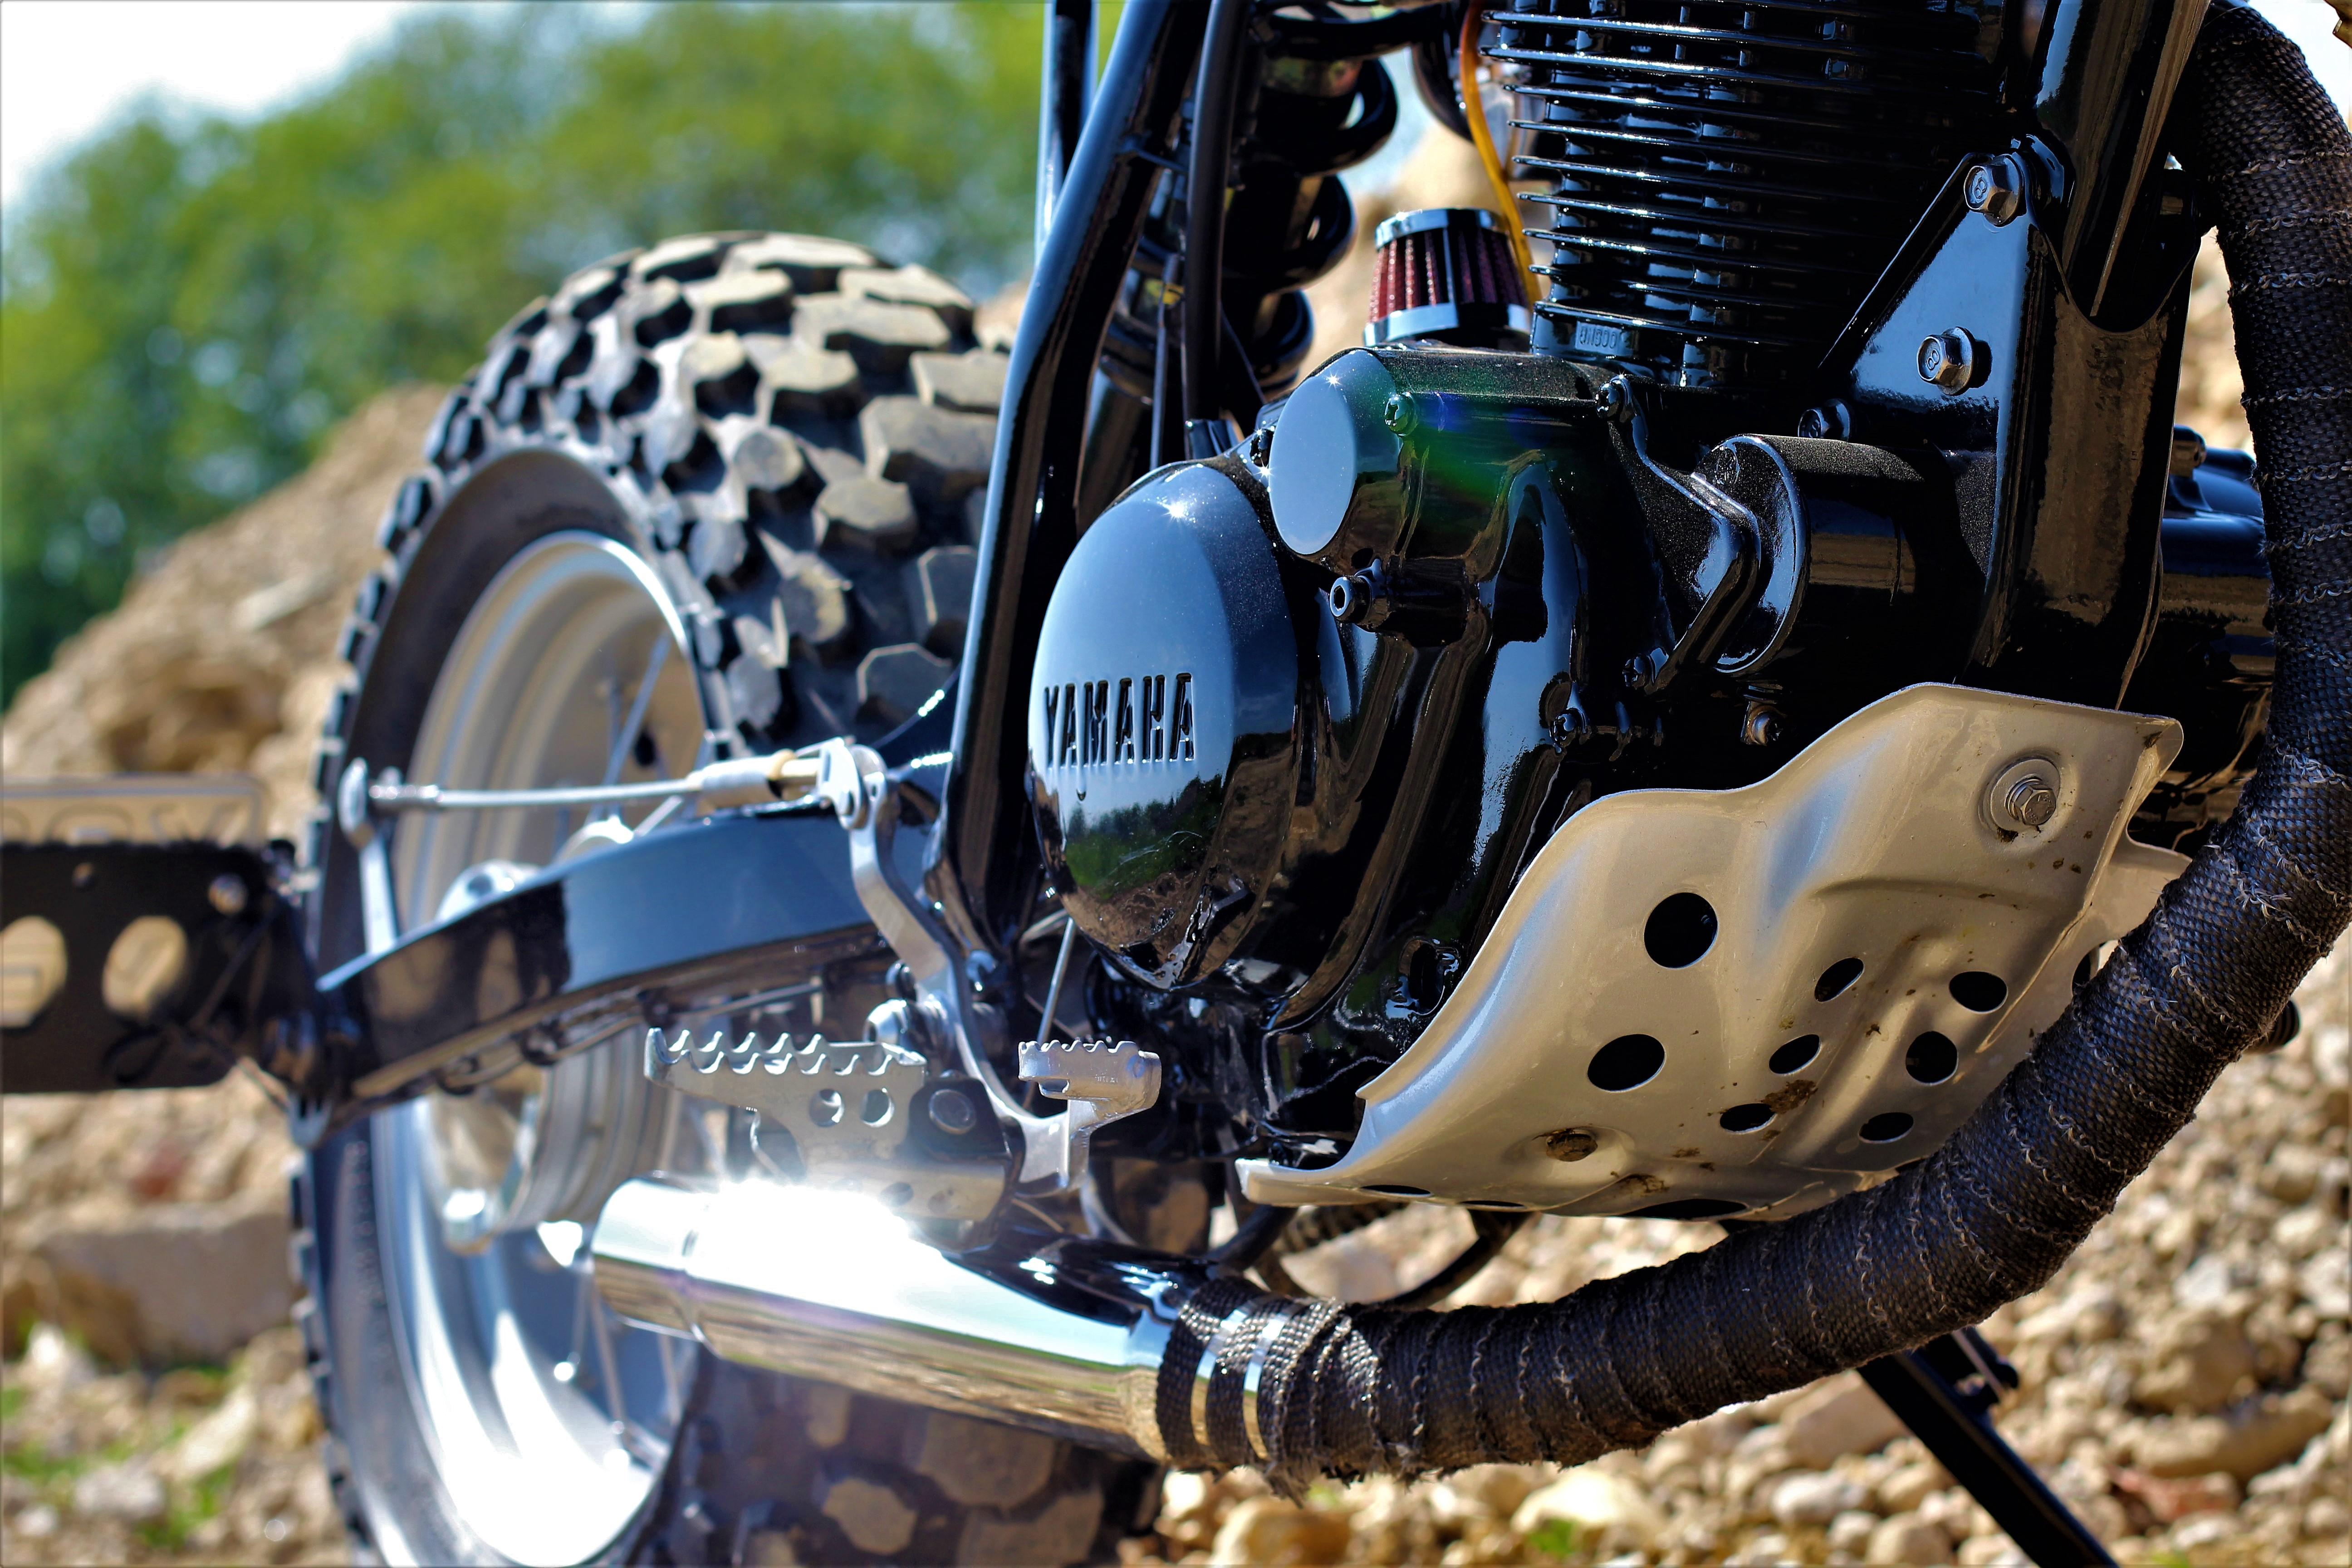 Lightning Yamaha TW 125cc